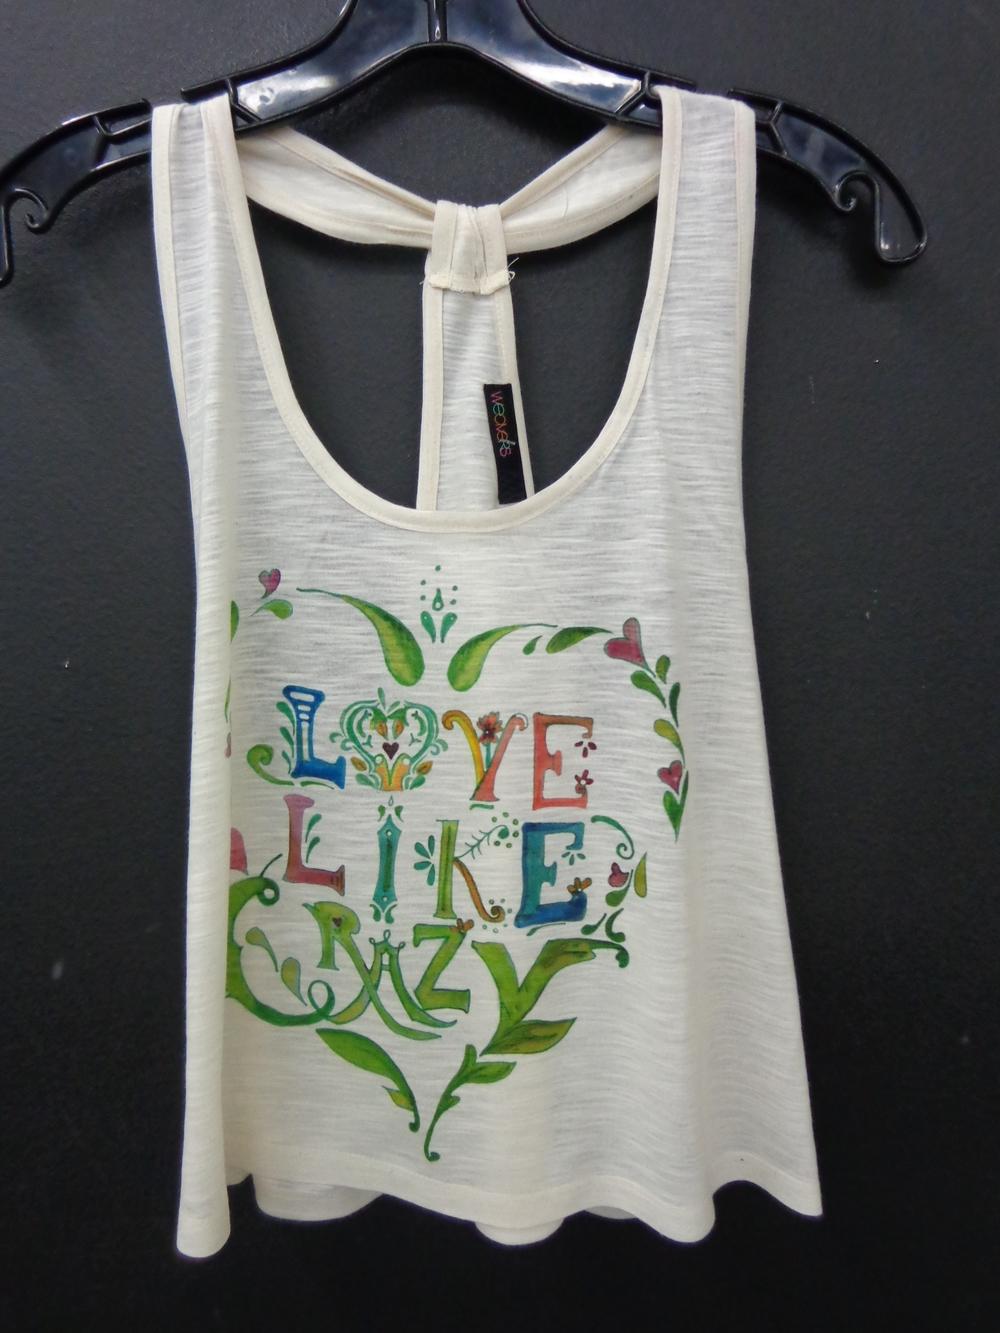 LoveLikeCrazy IVORY.JPG